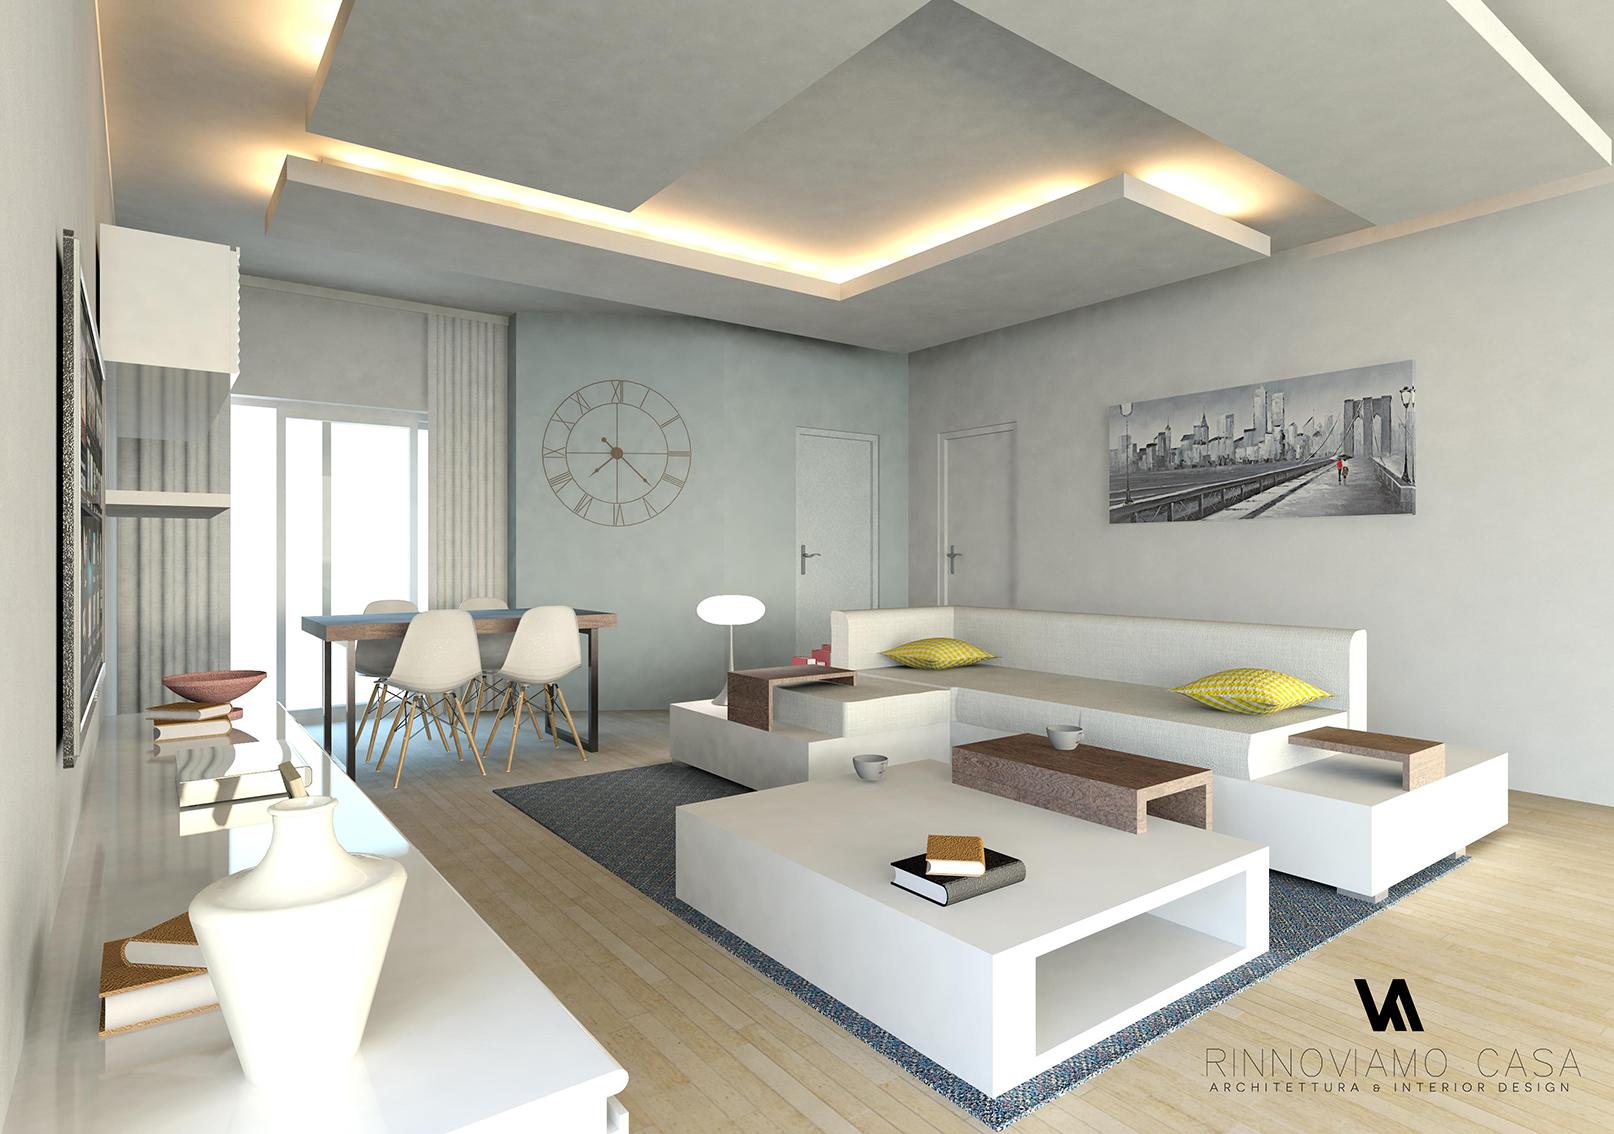 progetti rinnoviamo casa consulenza architettonica e